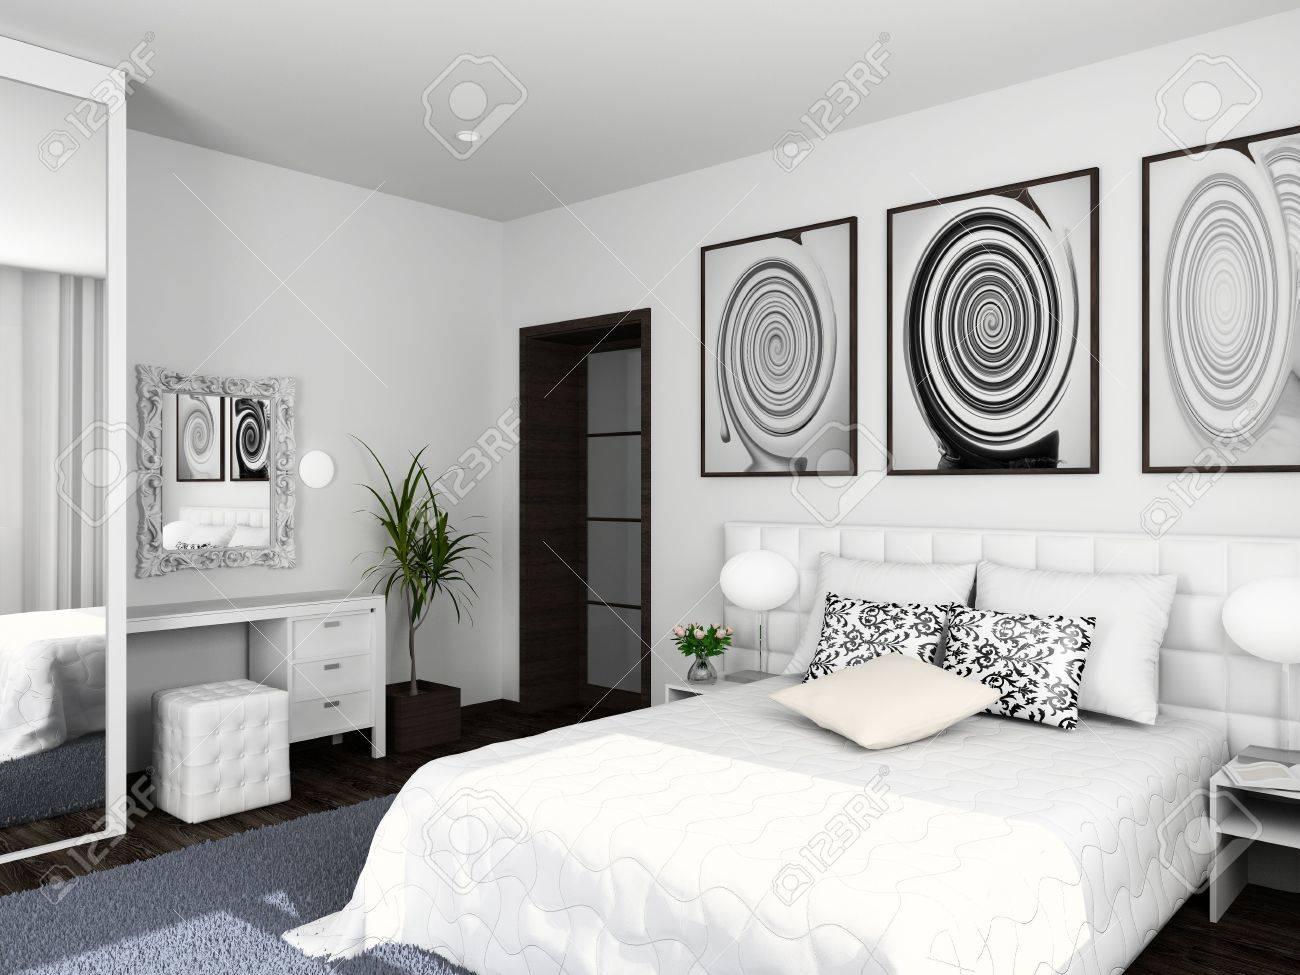 Innenausstattung Schlafzimmer